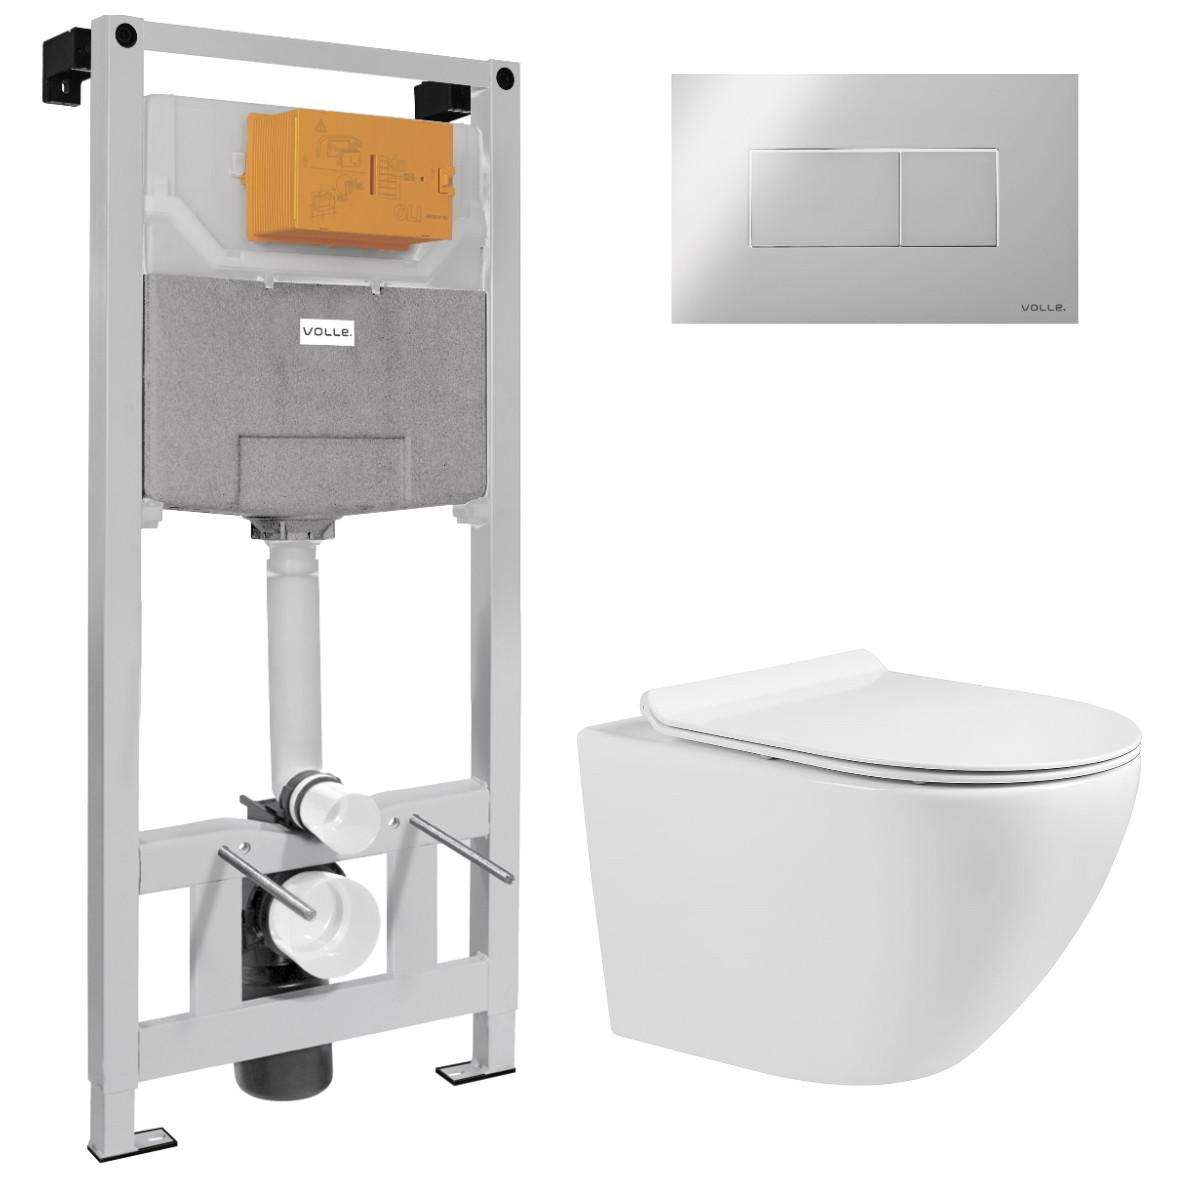 Набір інсталяційний VOLLE AMADEUS M Rimless унітаз 48x37x37 см підвісний сидіння Slim slow-closing + VOLLE